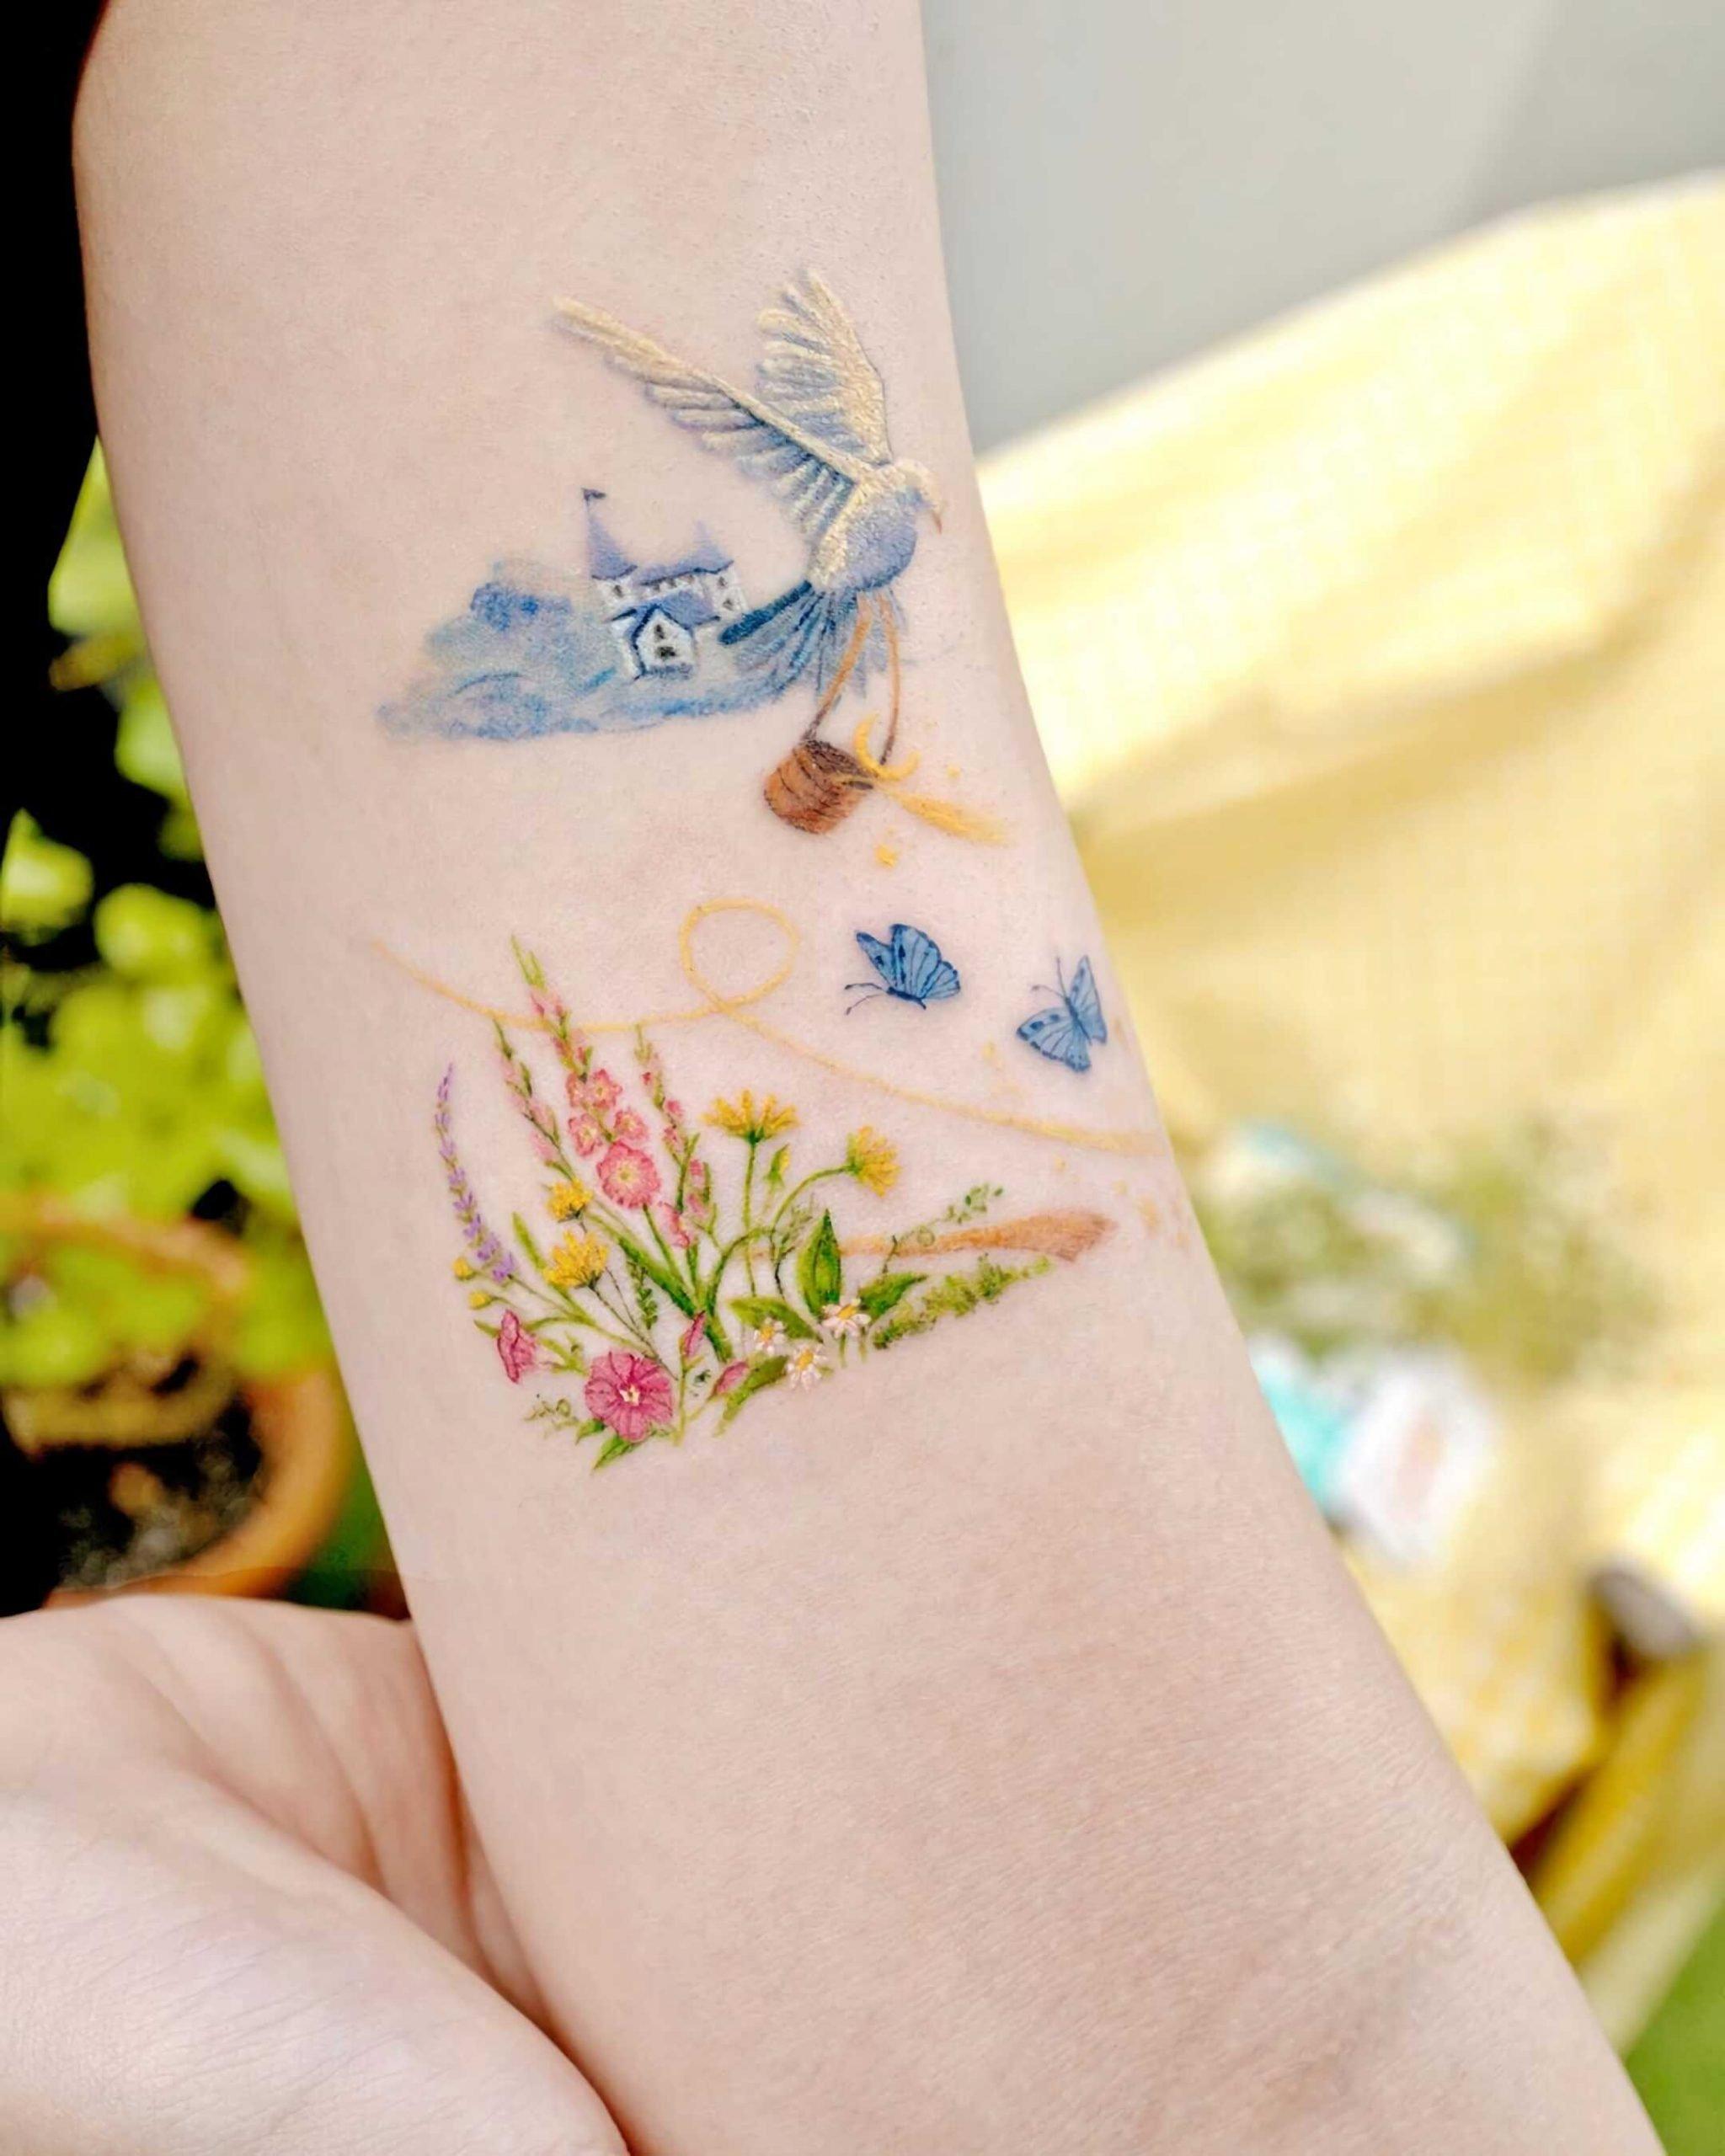 красивая, цветная татуировка на руке